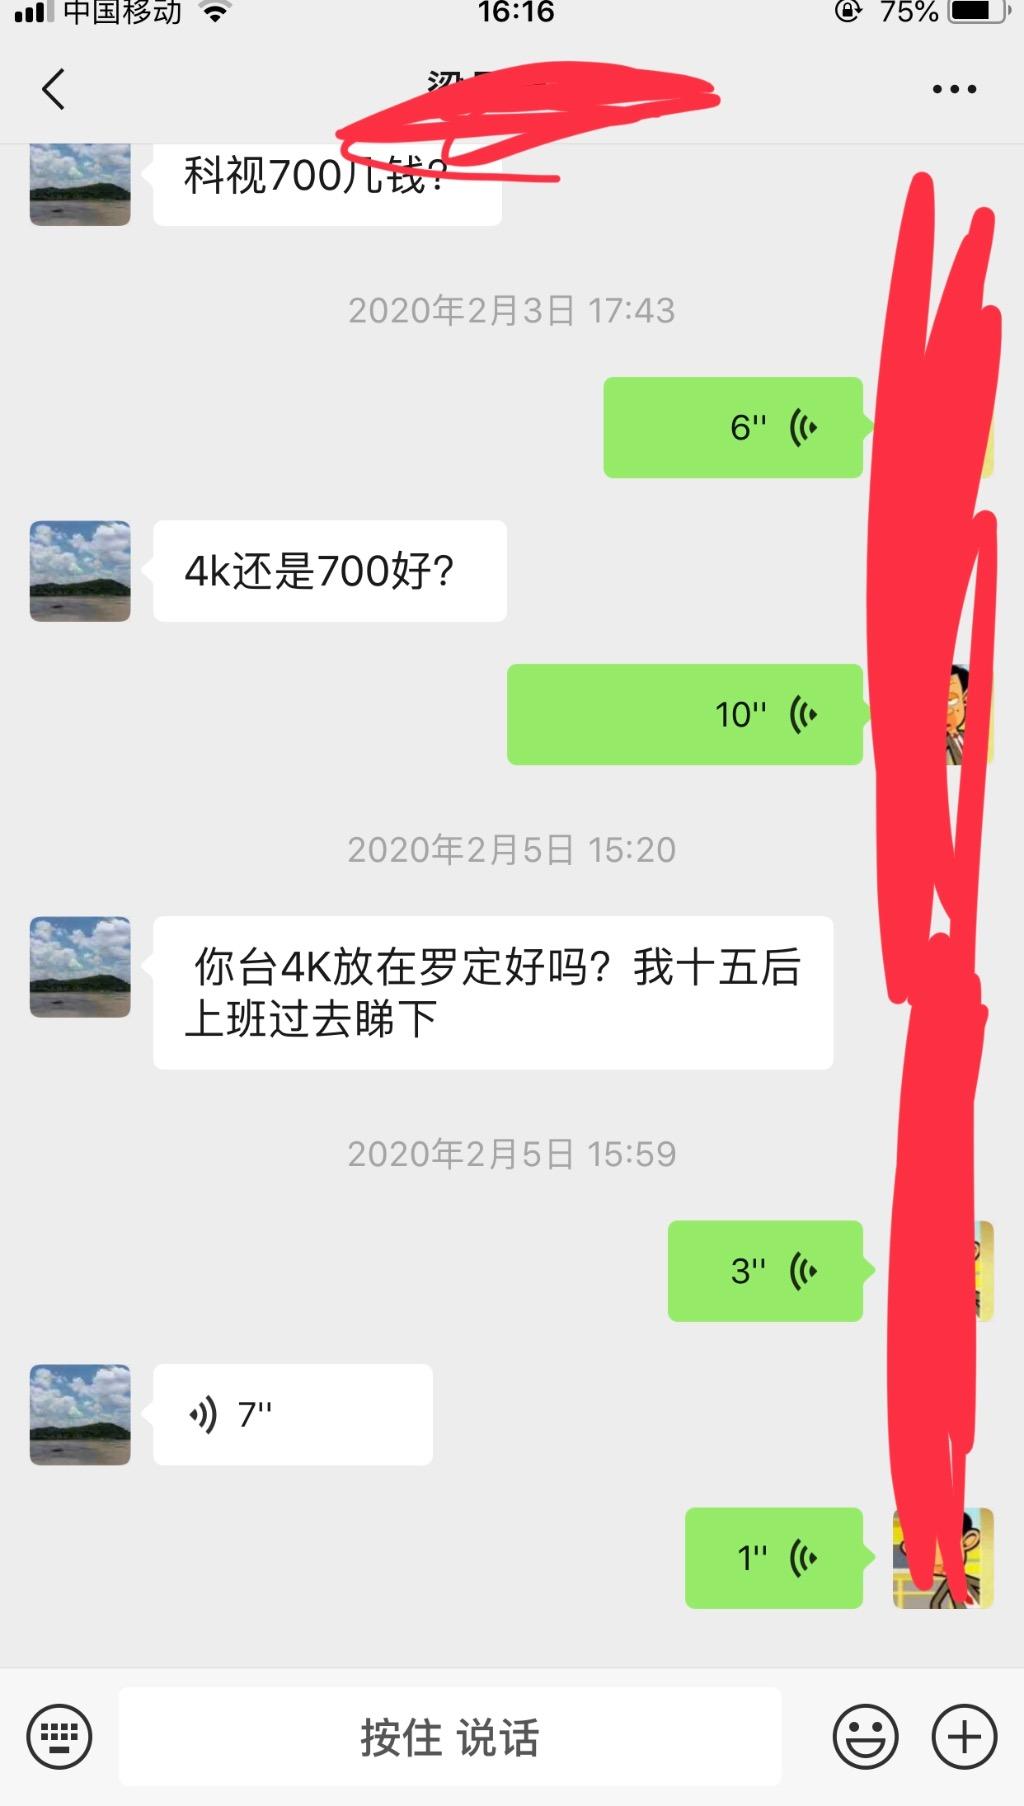 163A1D8C-5046-48EB-8173-456BA734B966.jpeg